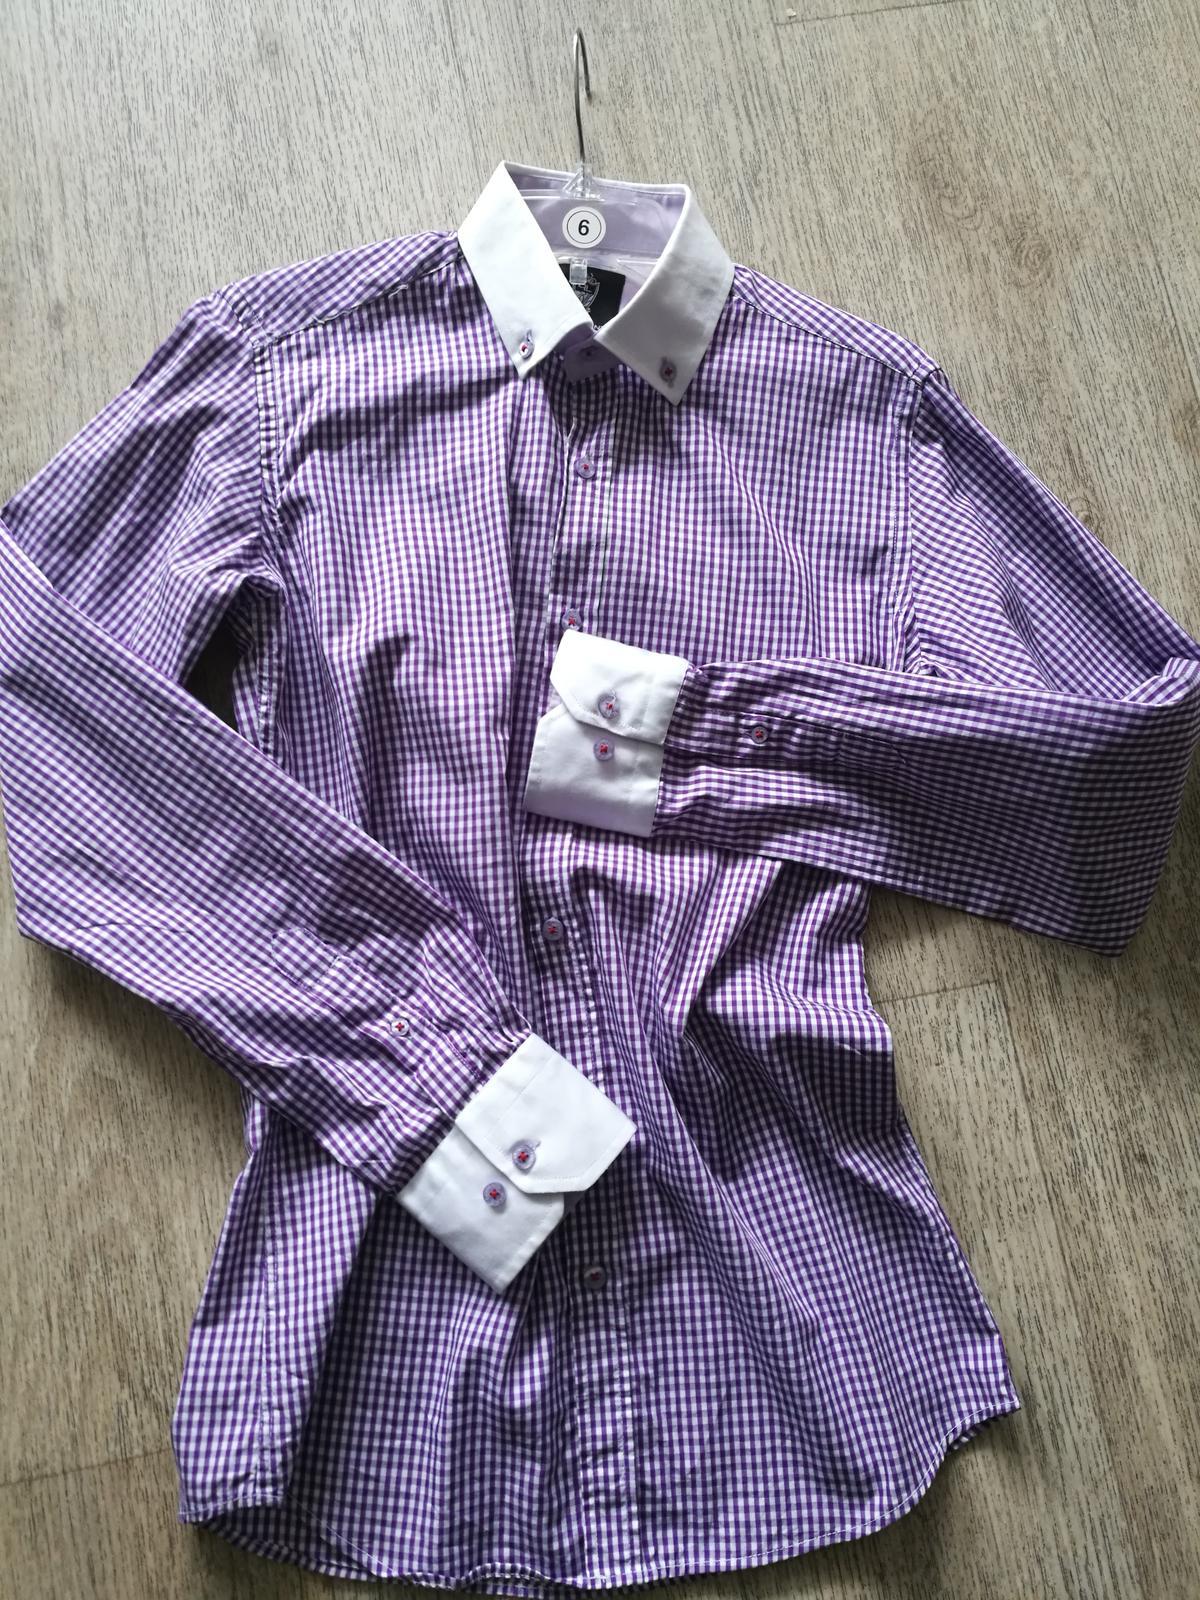 Košile kostičkovaná Slim fit vel S - Obrázek č. 1